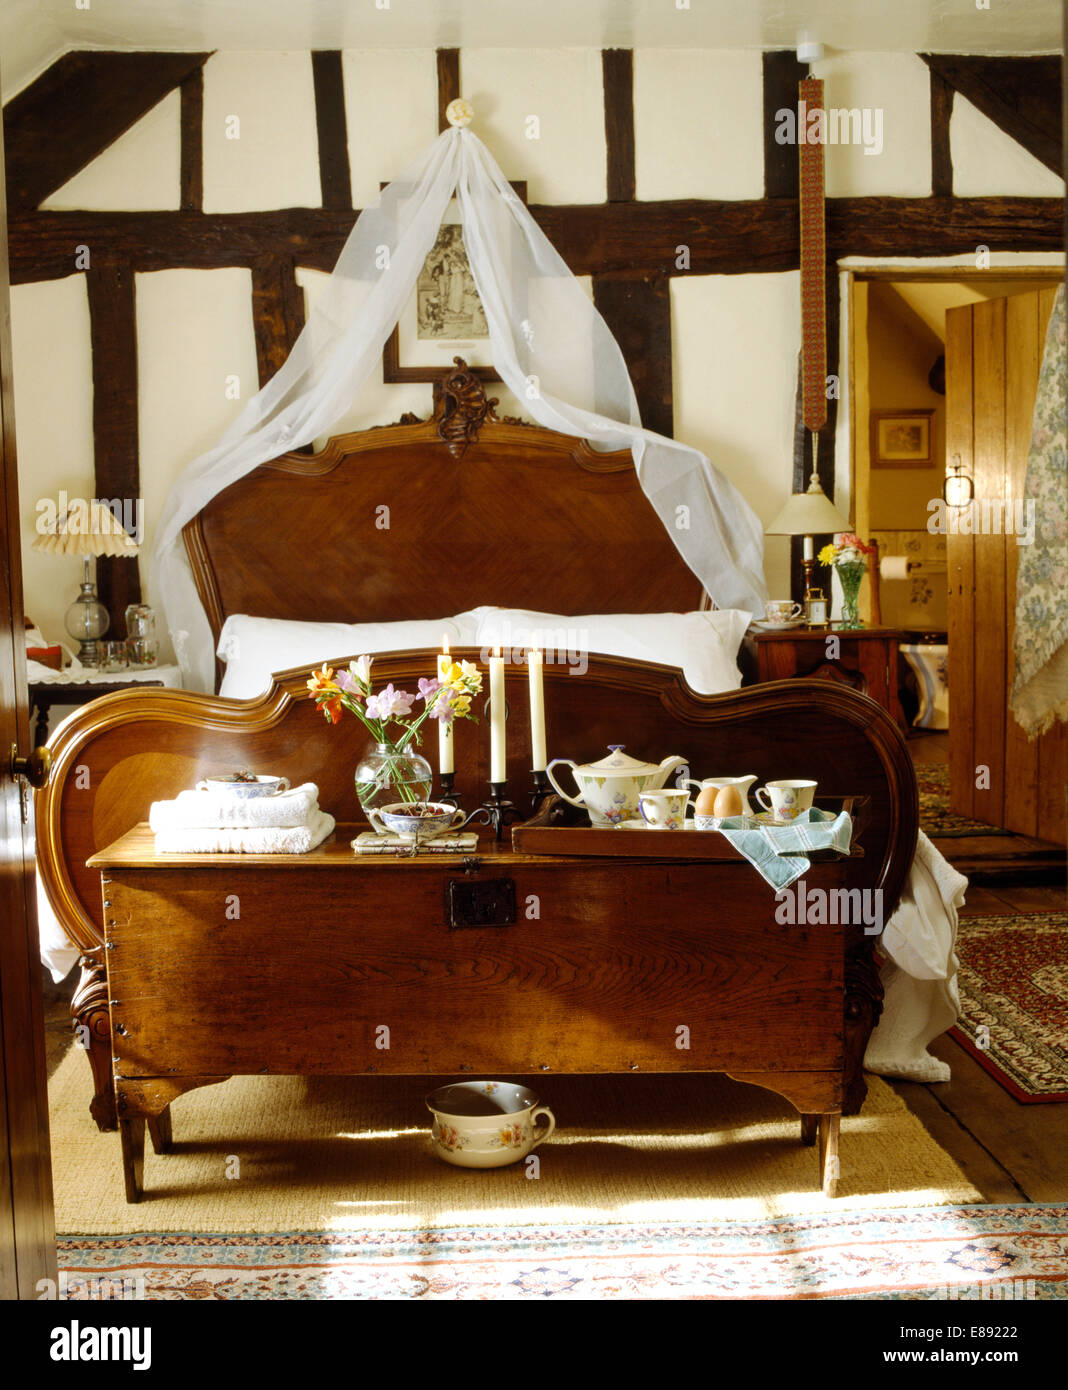 Antique Chest Foot Bed In Imágenes De Stock & Antique Chest Foot Bed ...